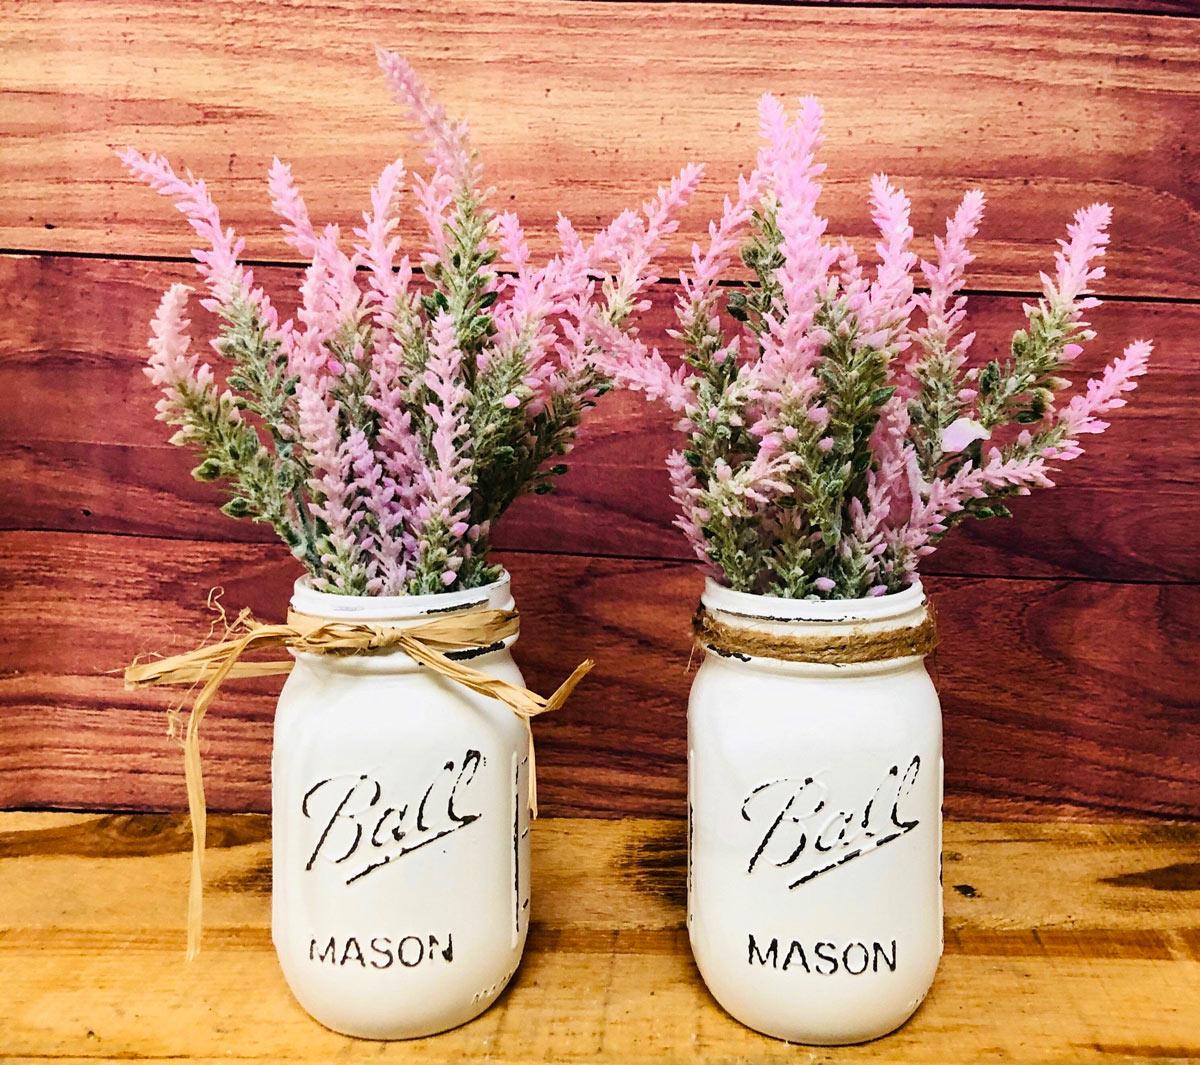 decorazioni estive fai da te con barattoli e fiori freschi.